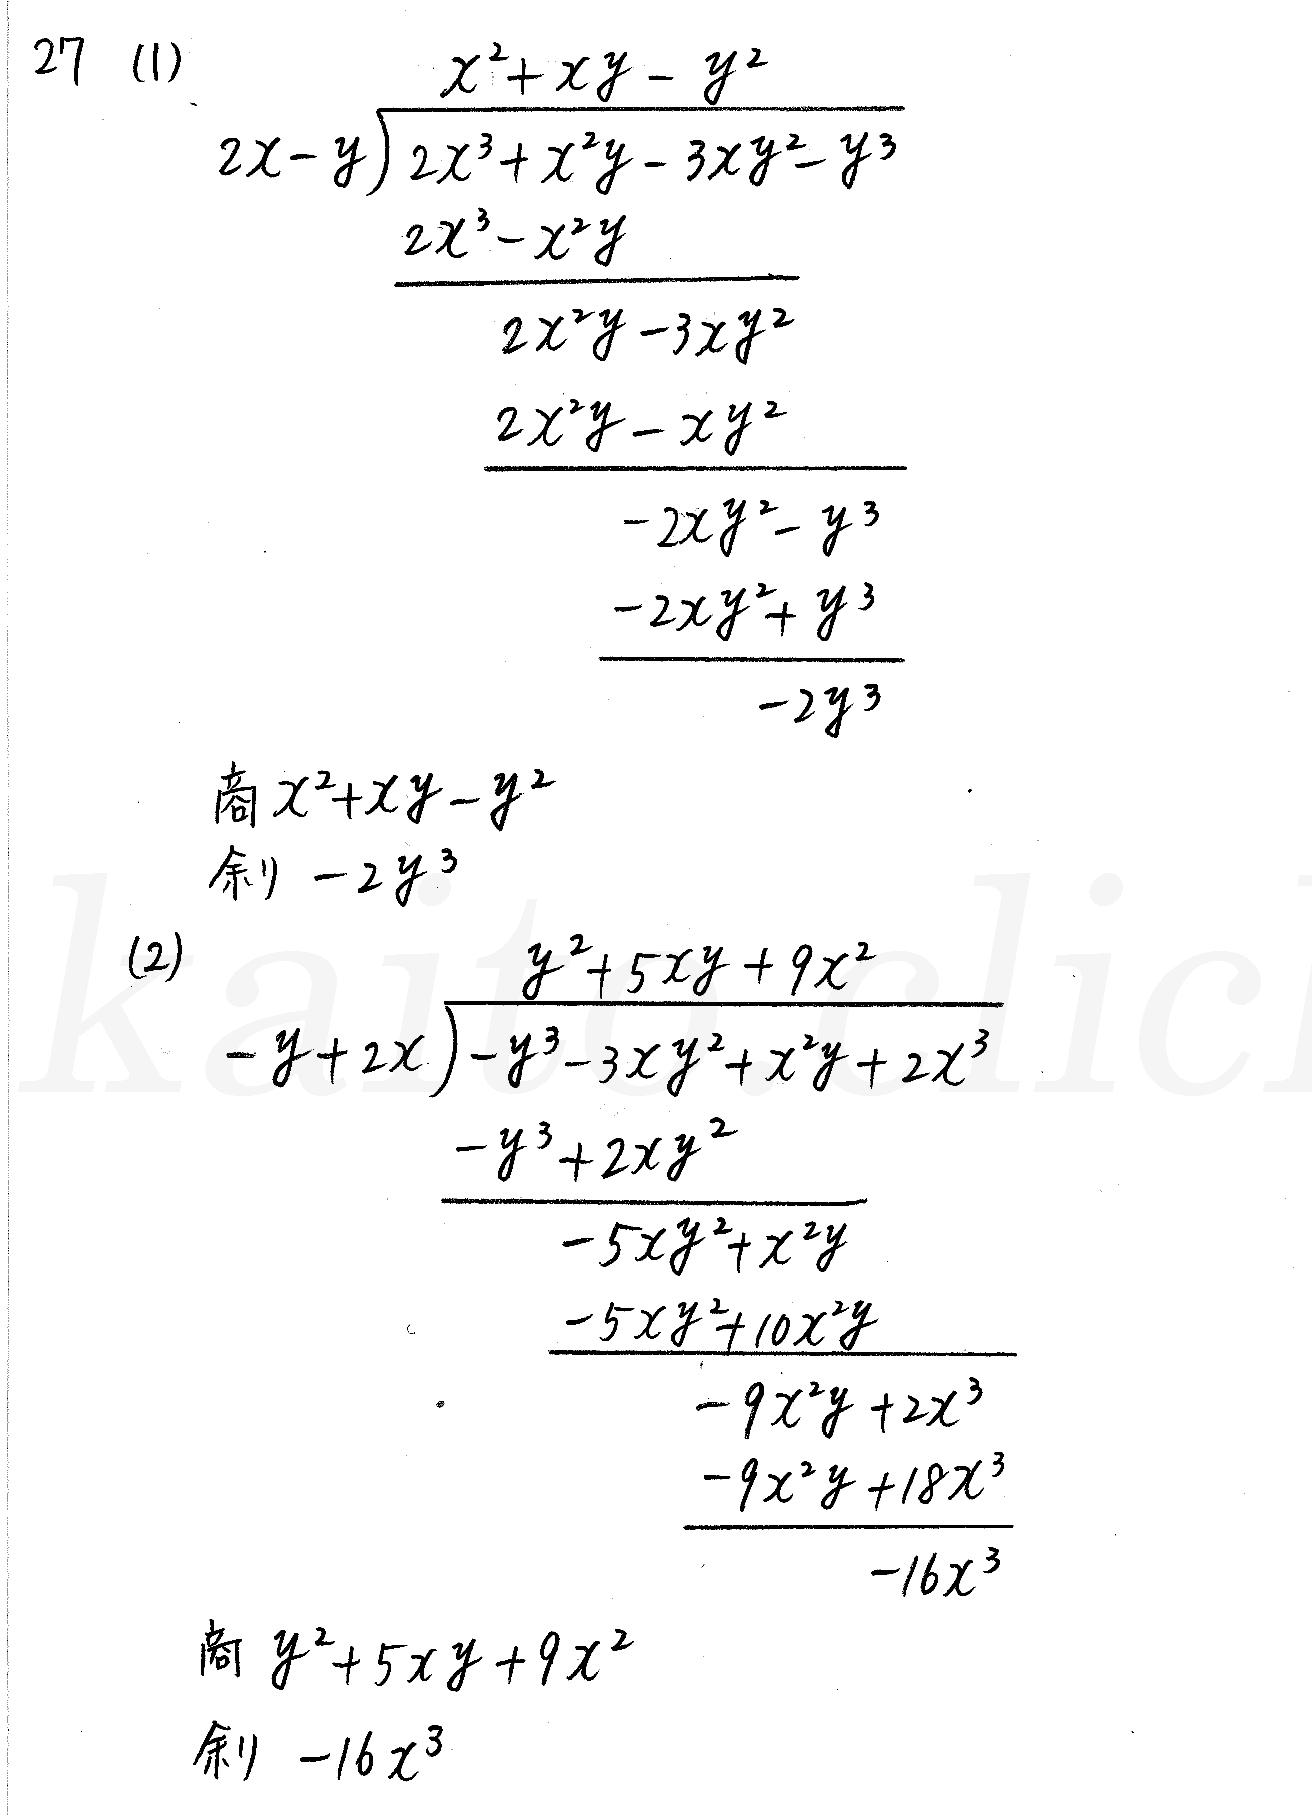 クリアー数学2-27解答